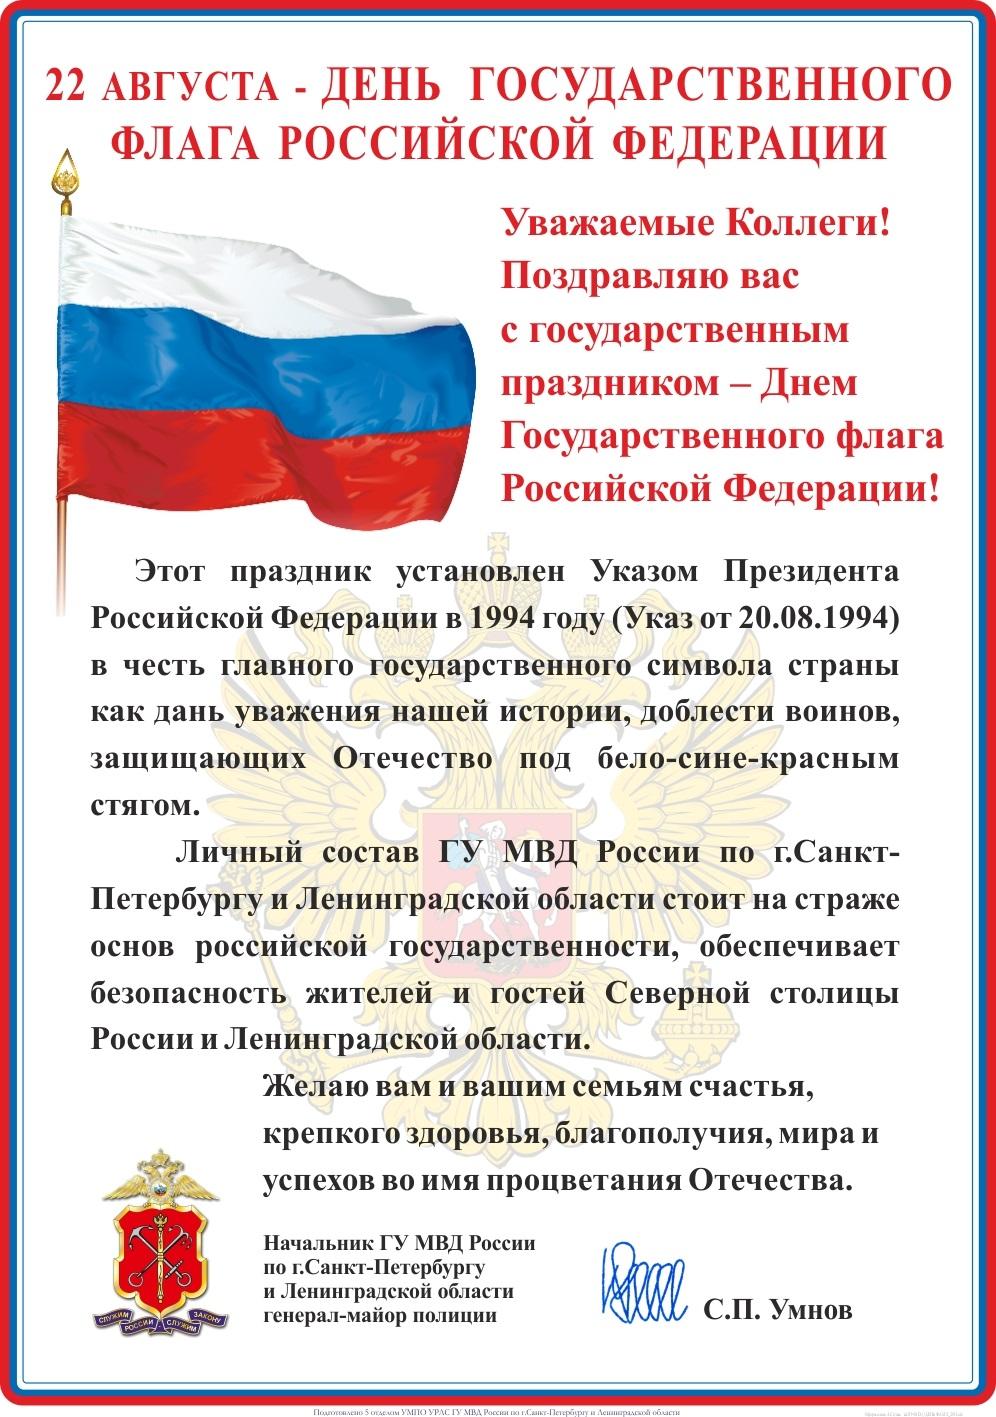 Поздравления с днём российского флага